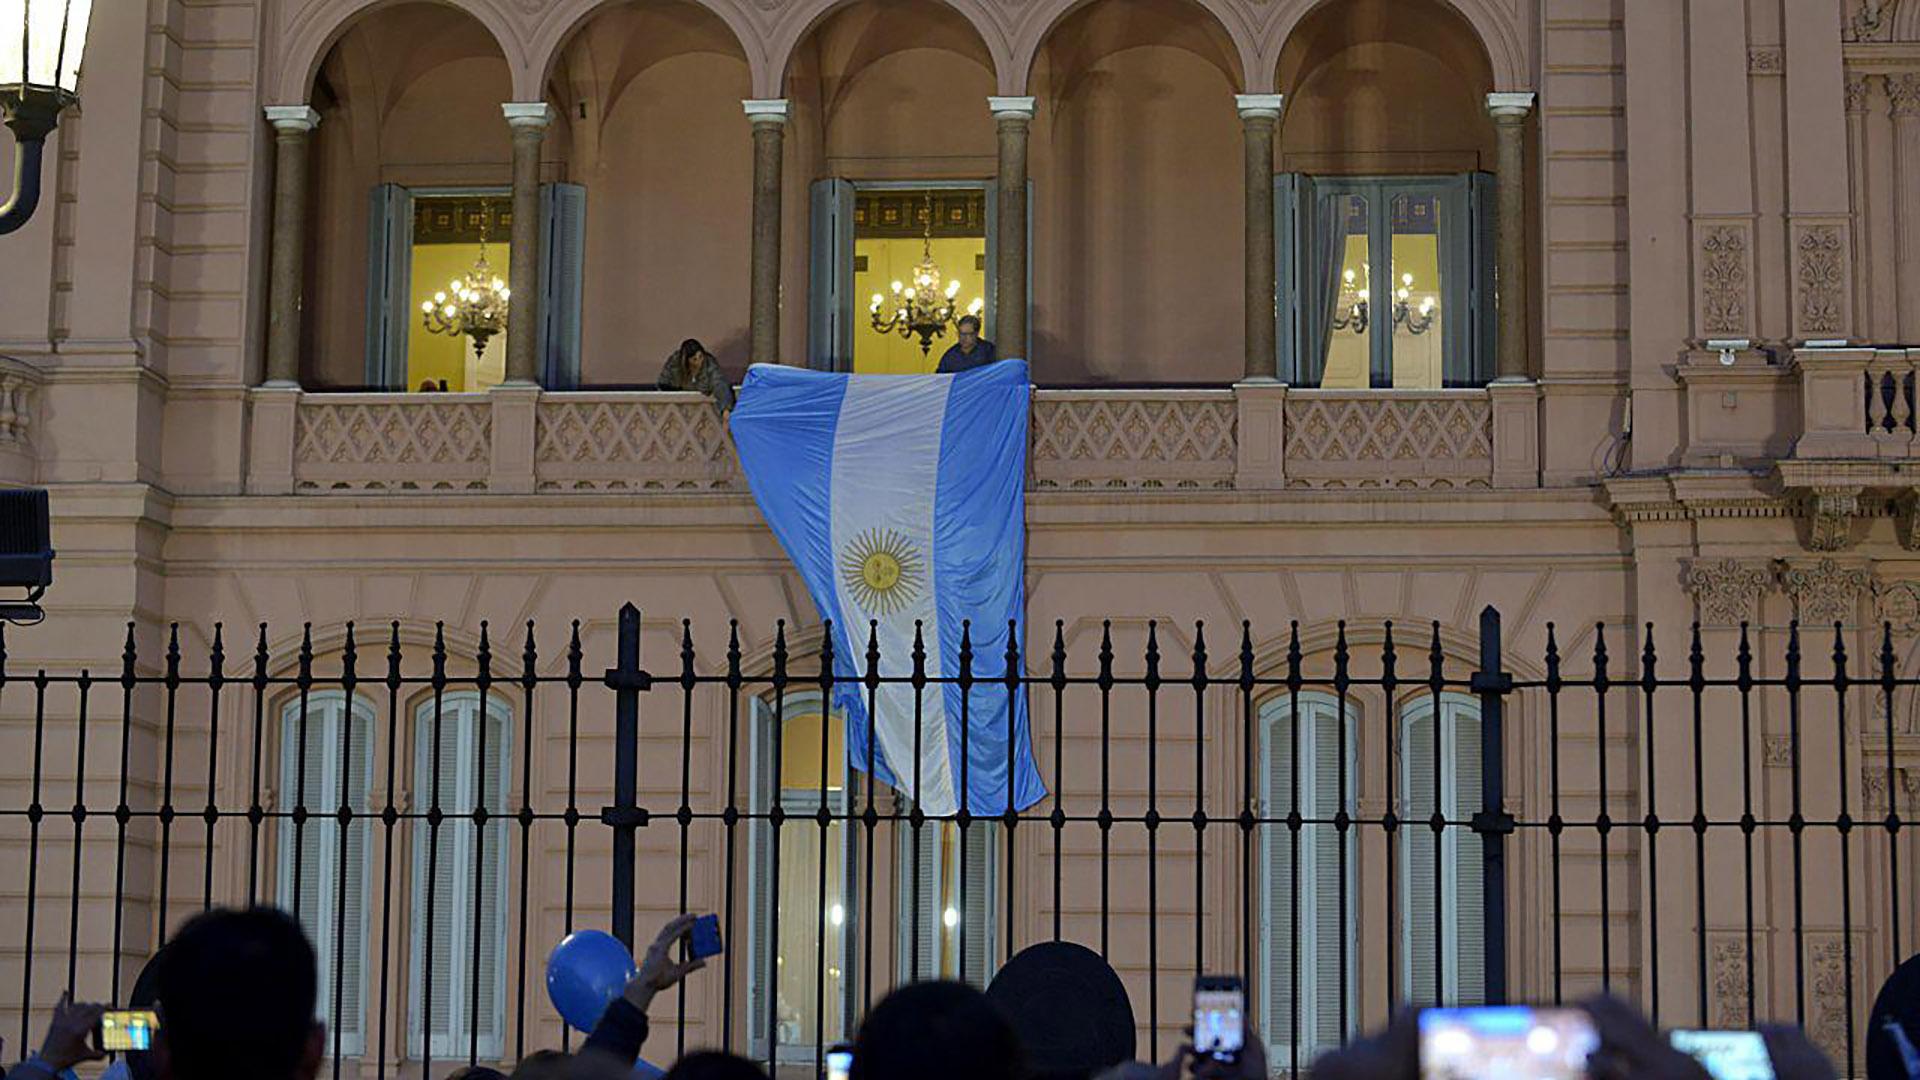 La bandera argentina desplegada en el balcón, poco antes de que llegara el Presidente a la Casa de Gobierno